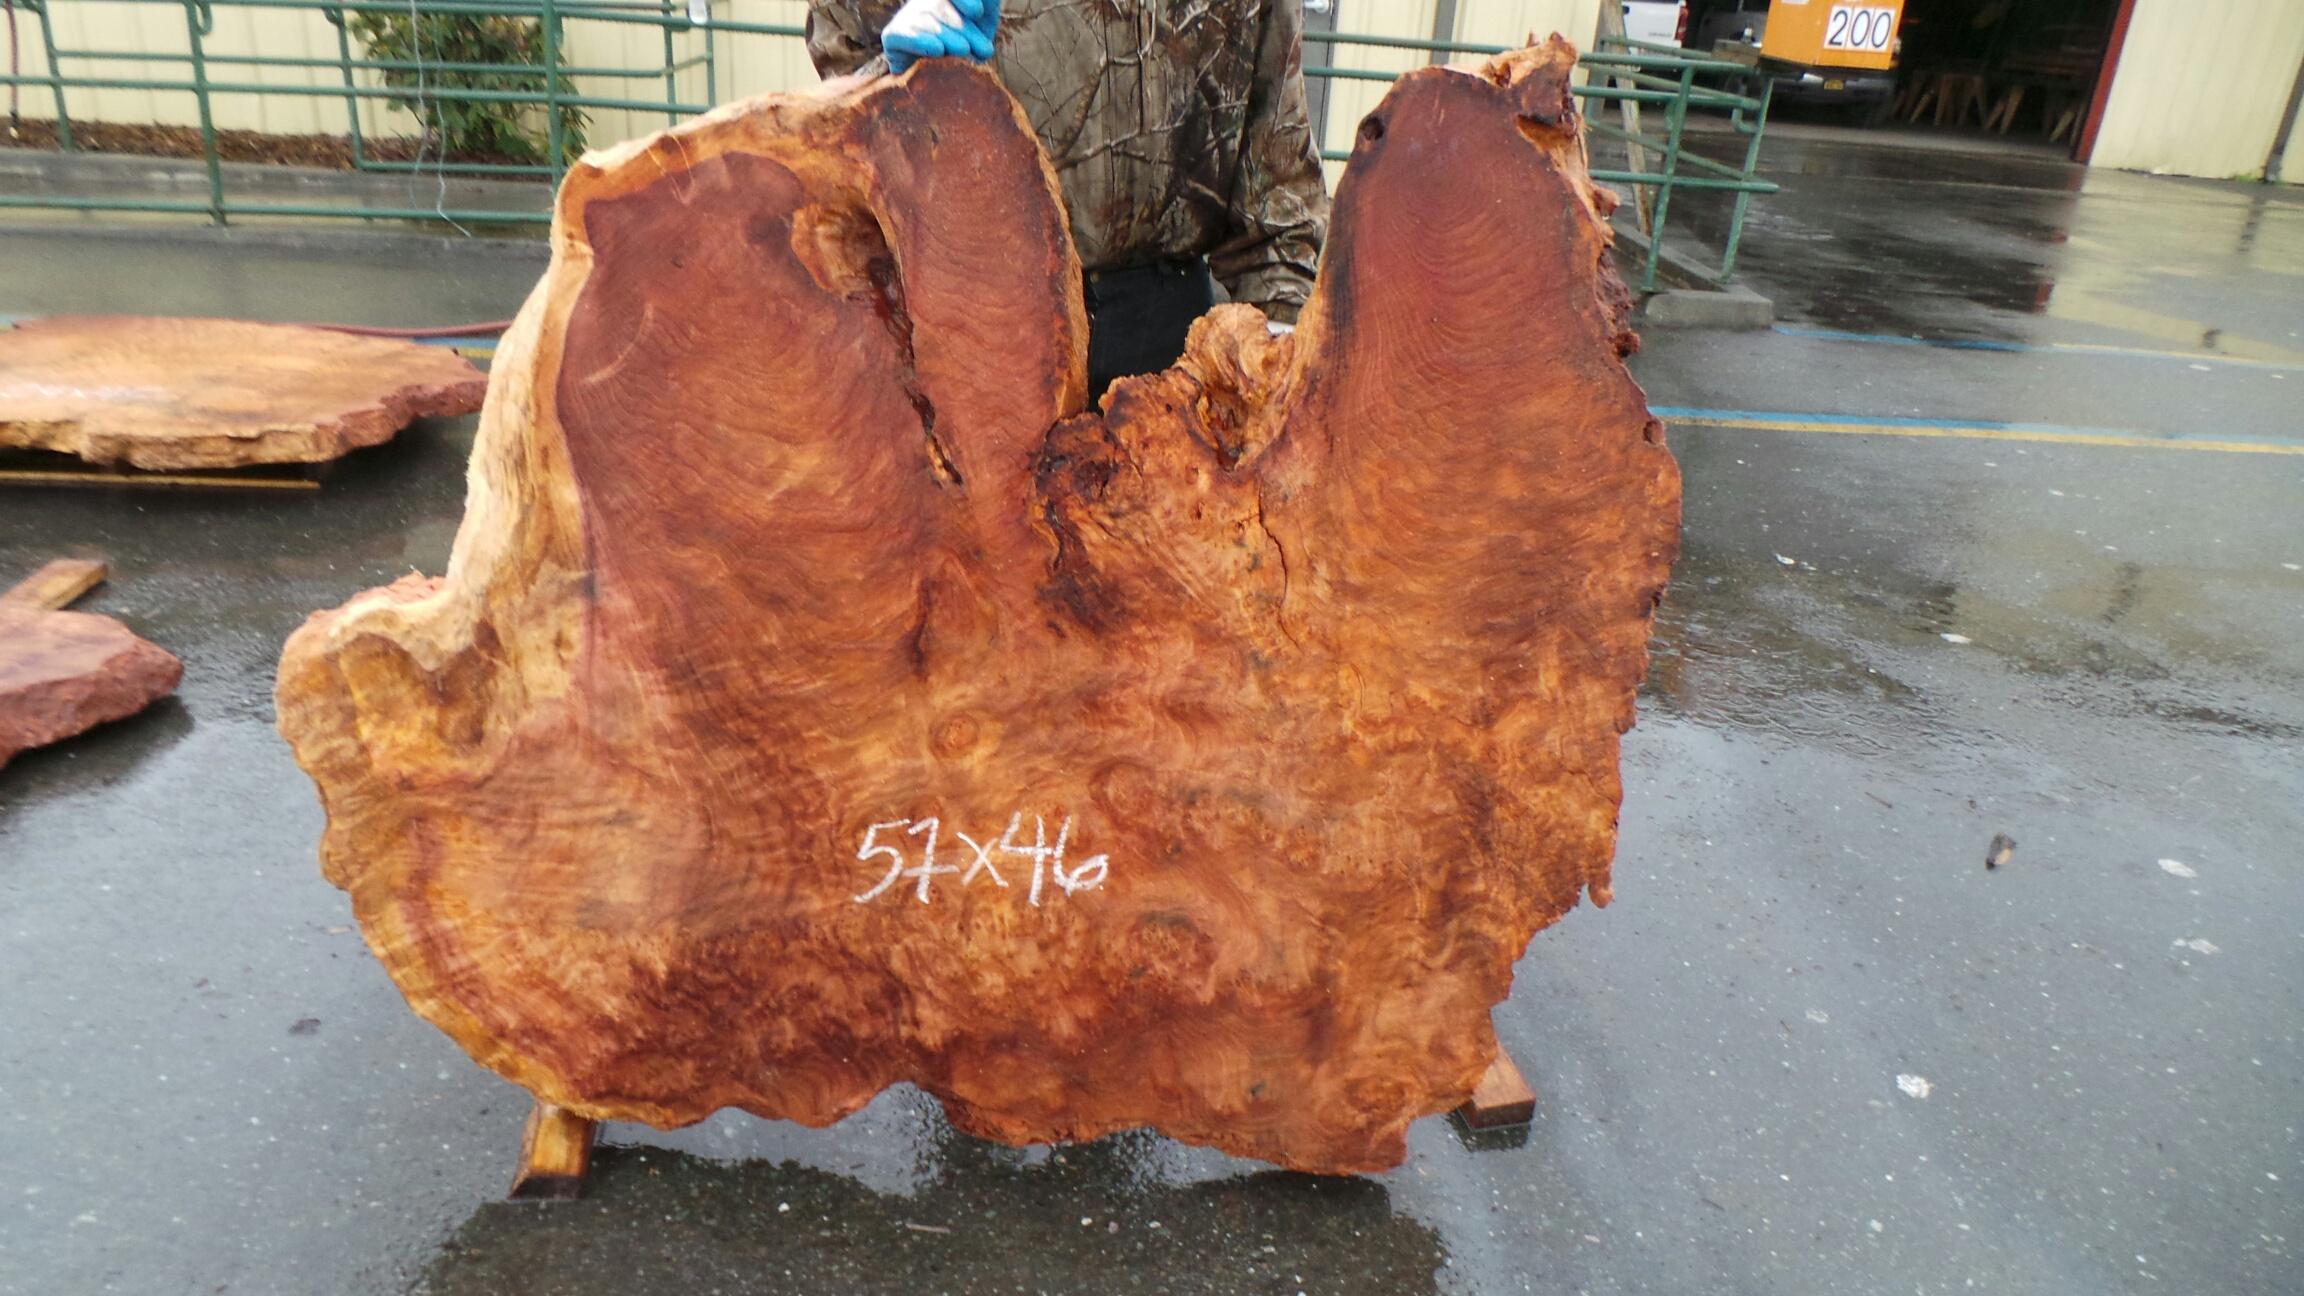 Redwood Burl Slab Table Top or Figured Wood Blank